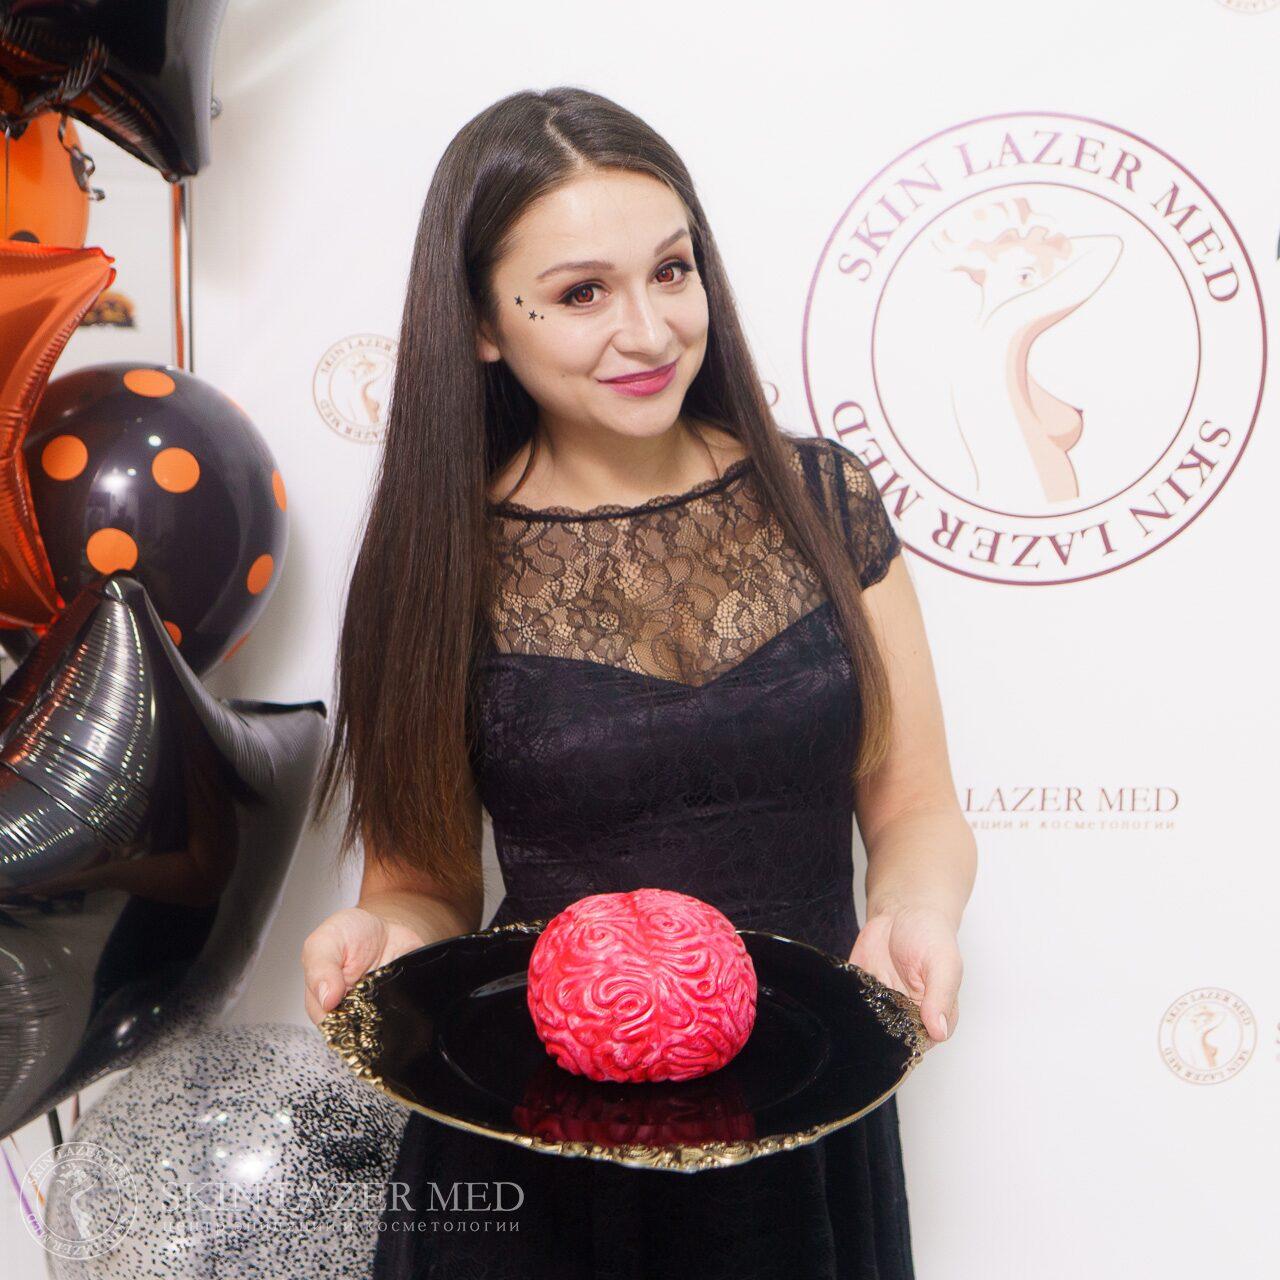 Бьюти Хэллоуин в SkinLazerMed